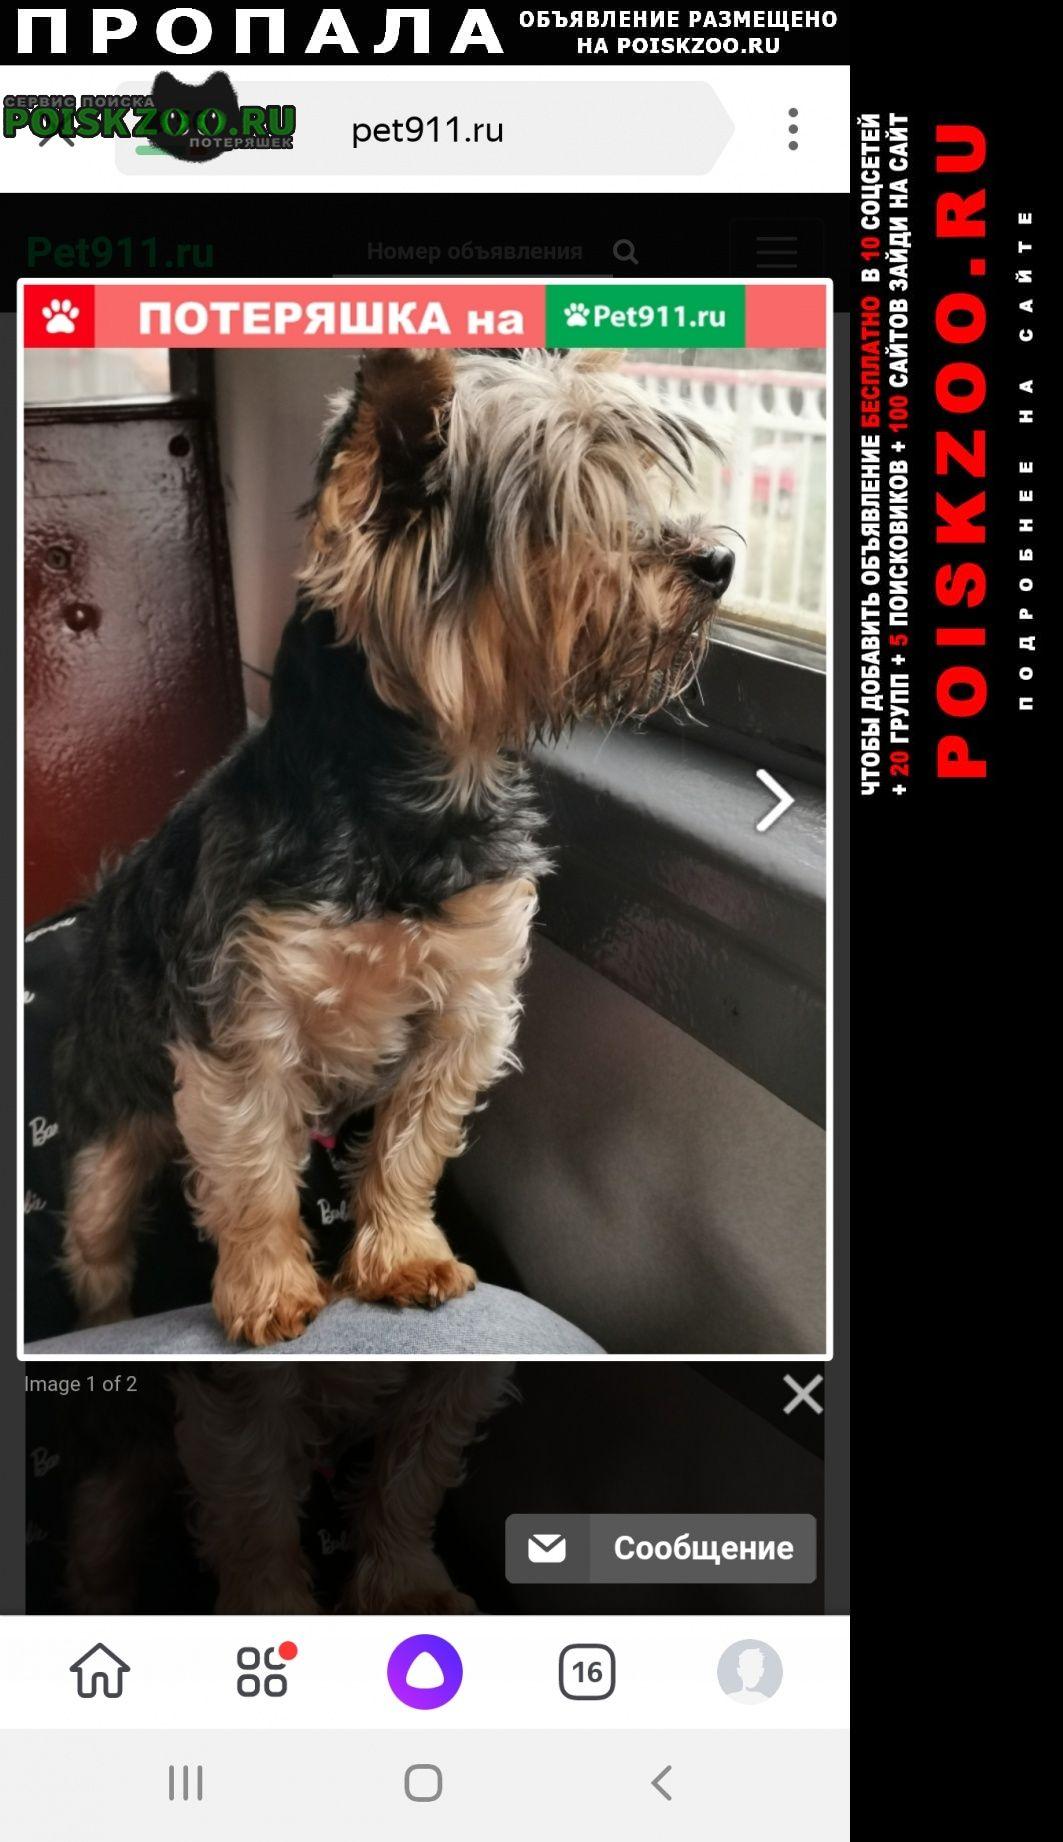 Пропала собака йорк г. Пушкино